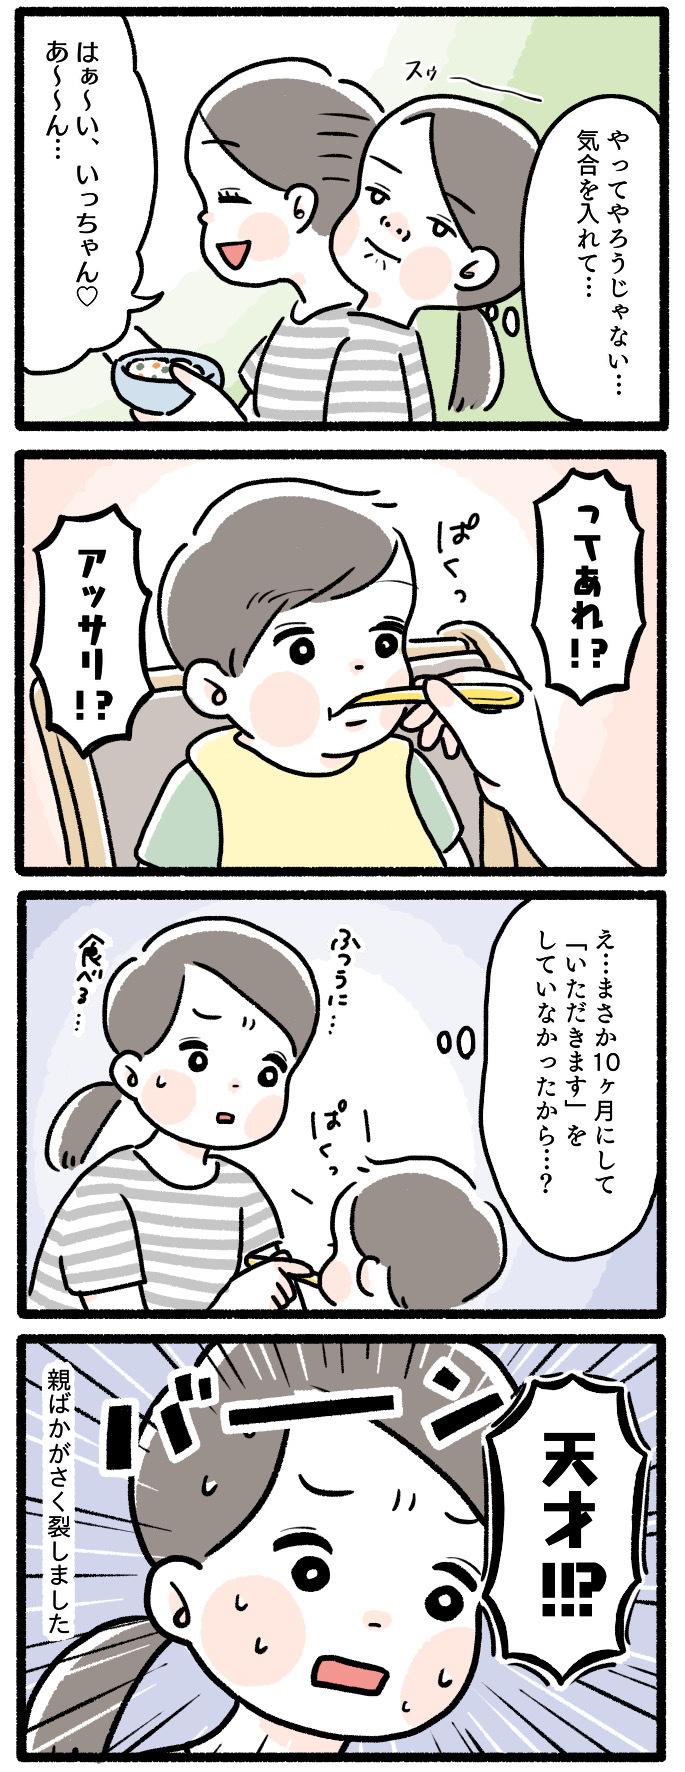 天才か...!離乳食を拒否の理由は、まさかコレ!?(笑)の画像3